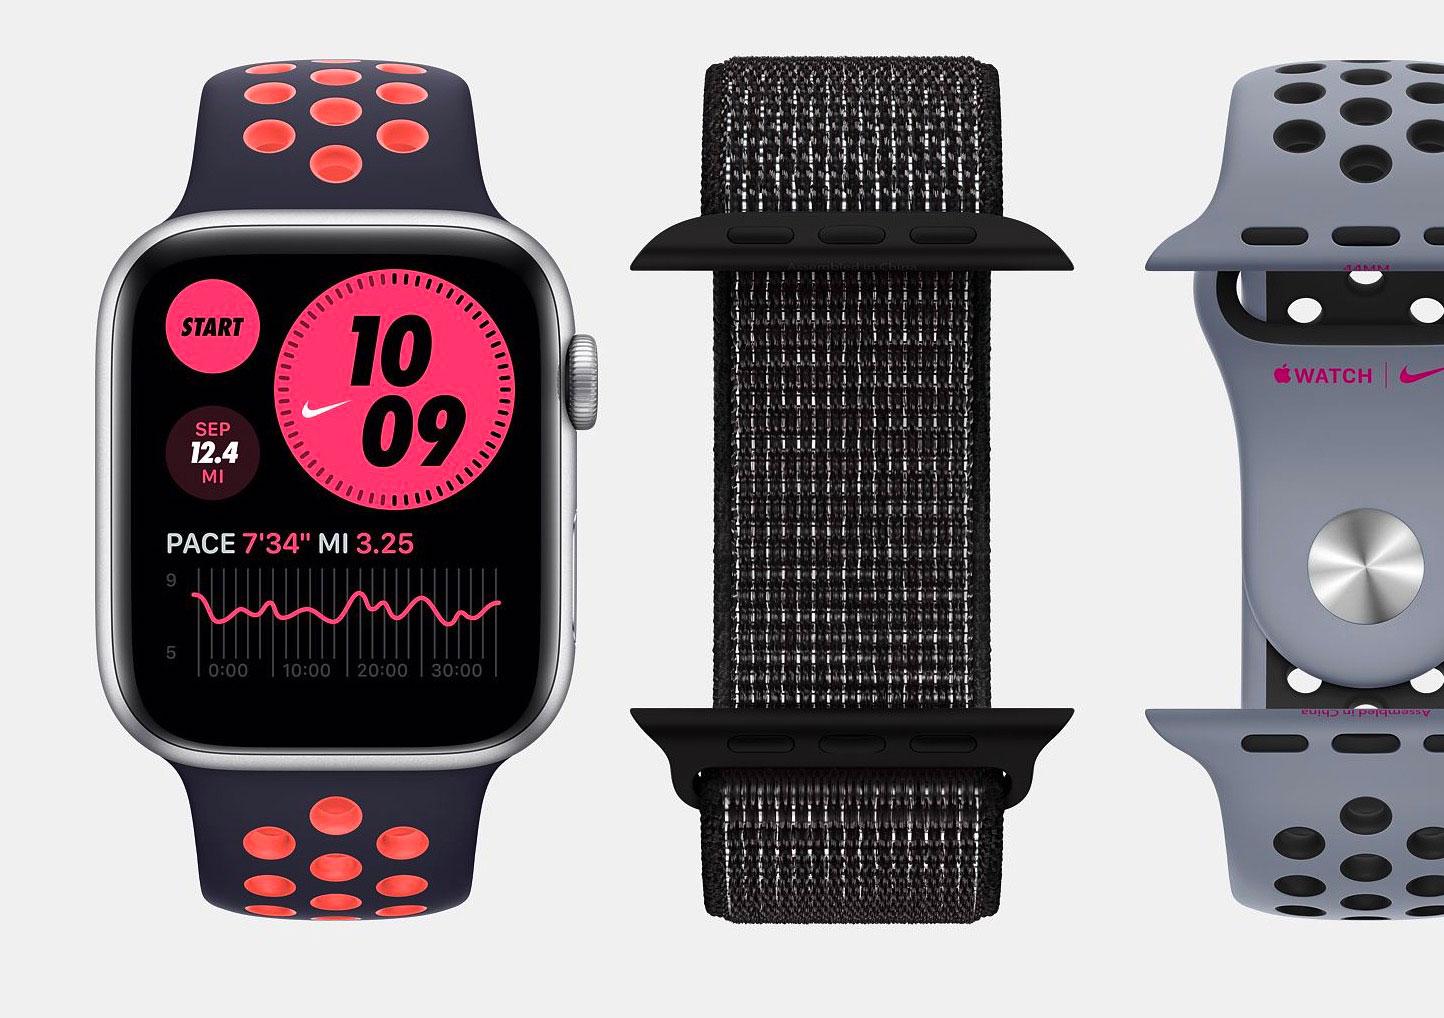 Plusieurs bracelets sont proposés pour l'Apple Watch SE édition Nike